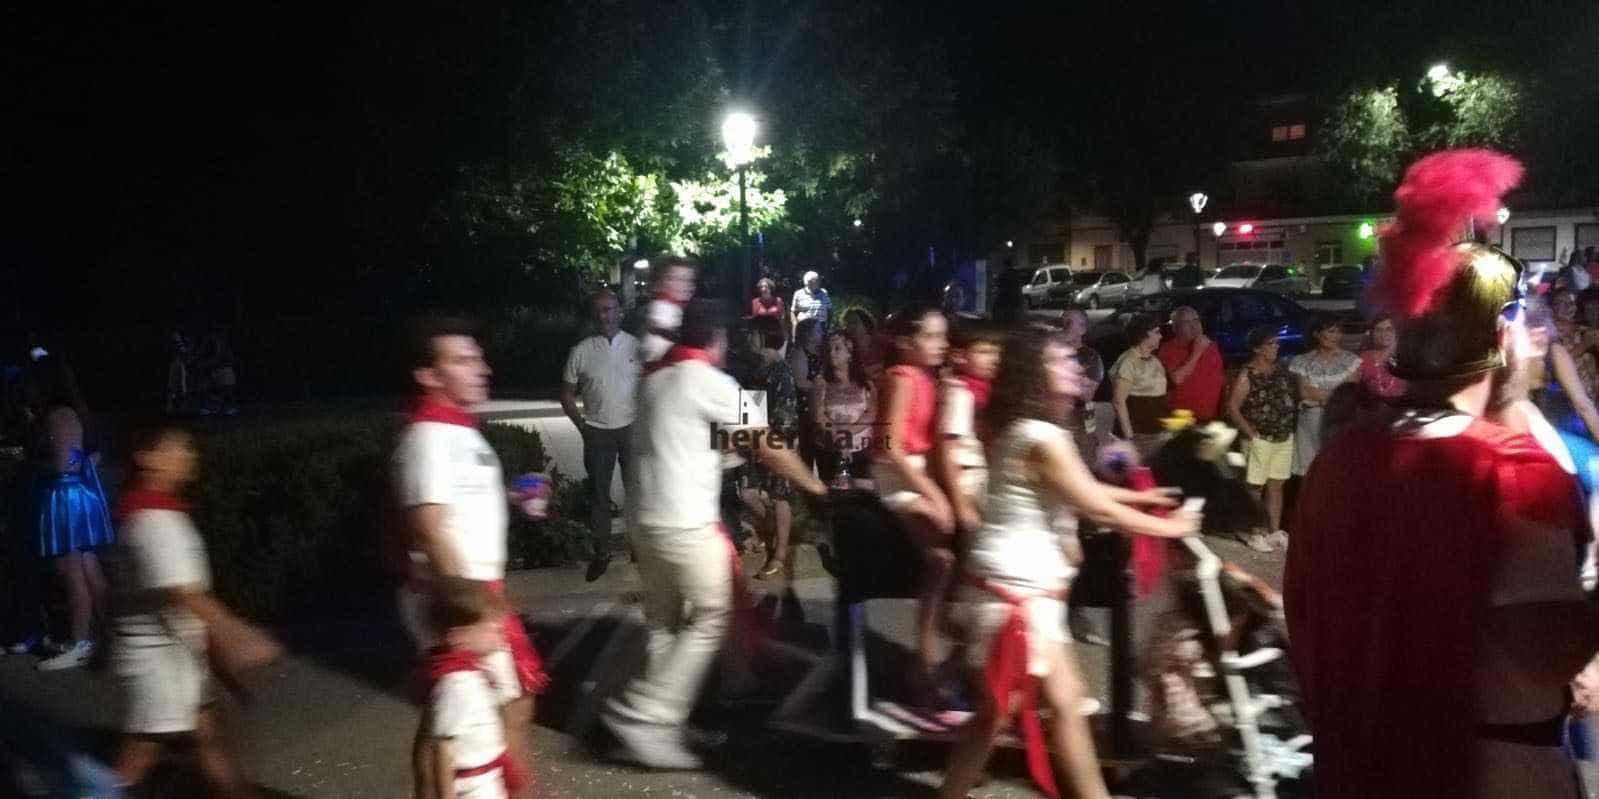 Carnaval de herencia 2019 galeria 28 - Galería de fotografías del Carnaval de Verano 2019